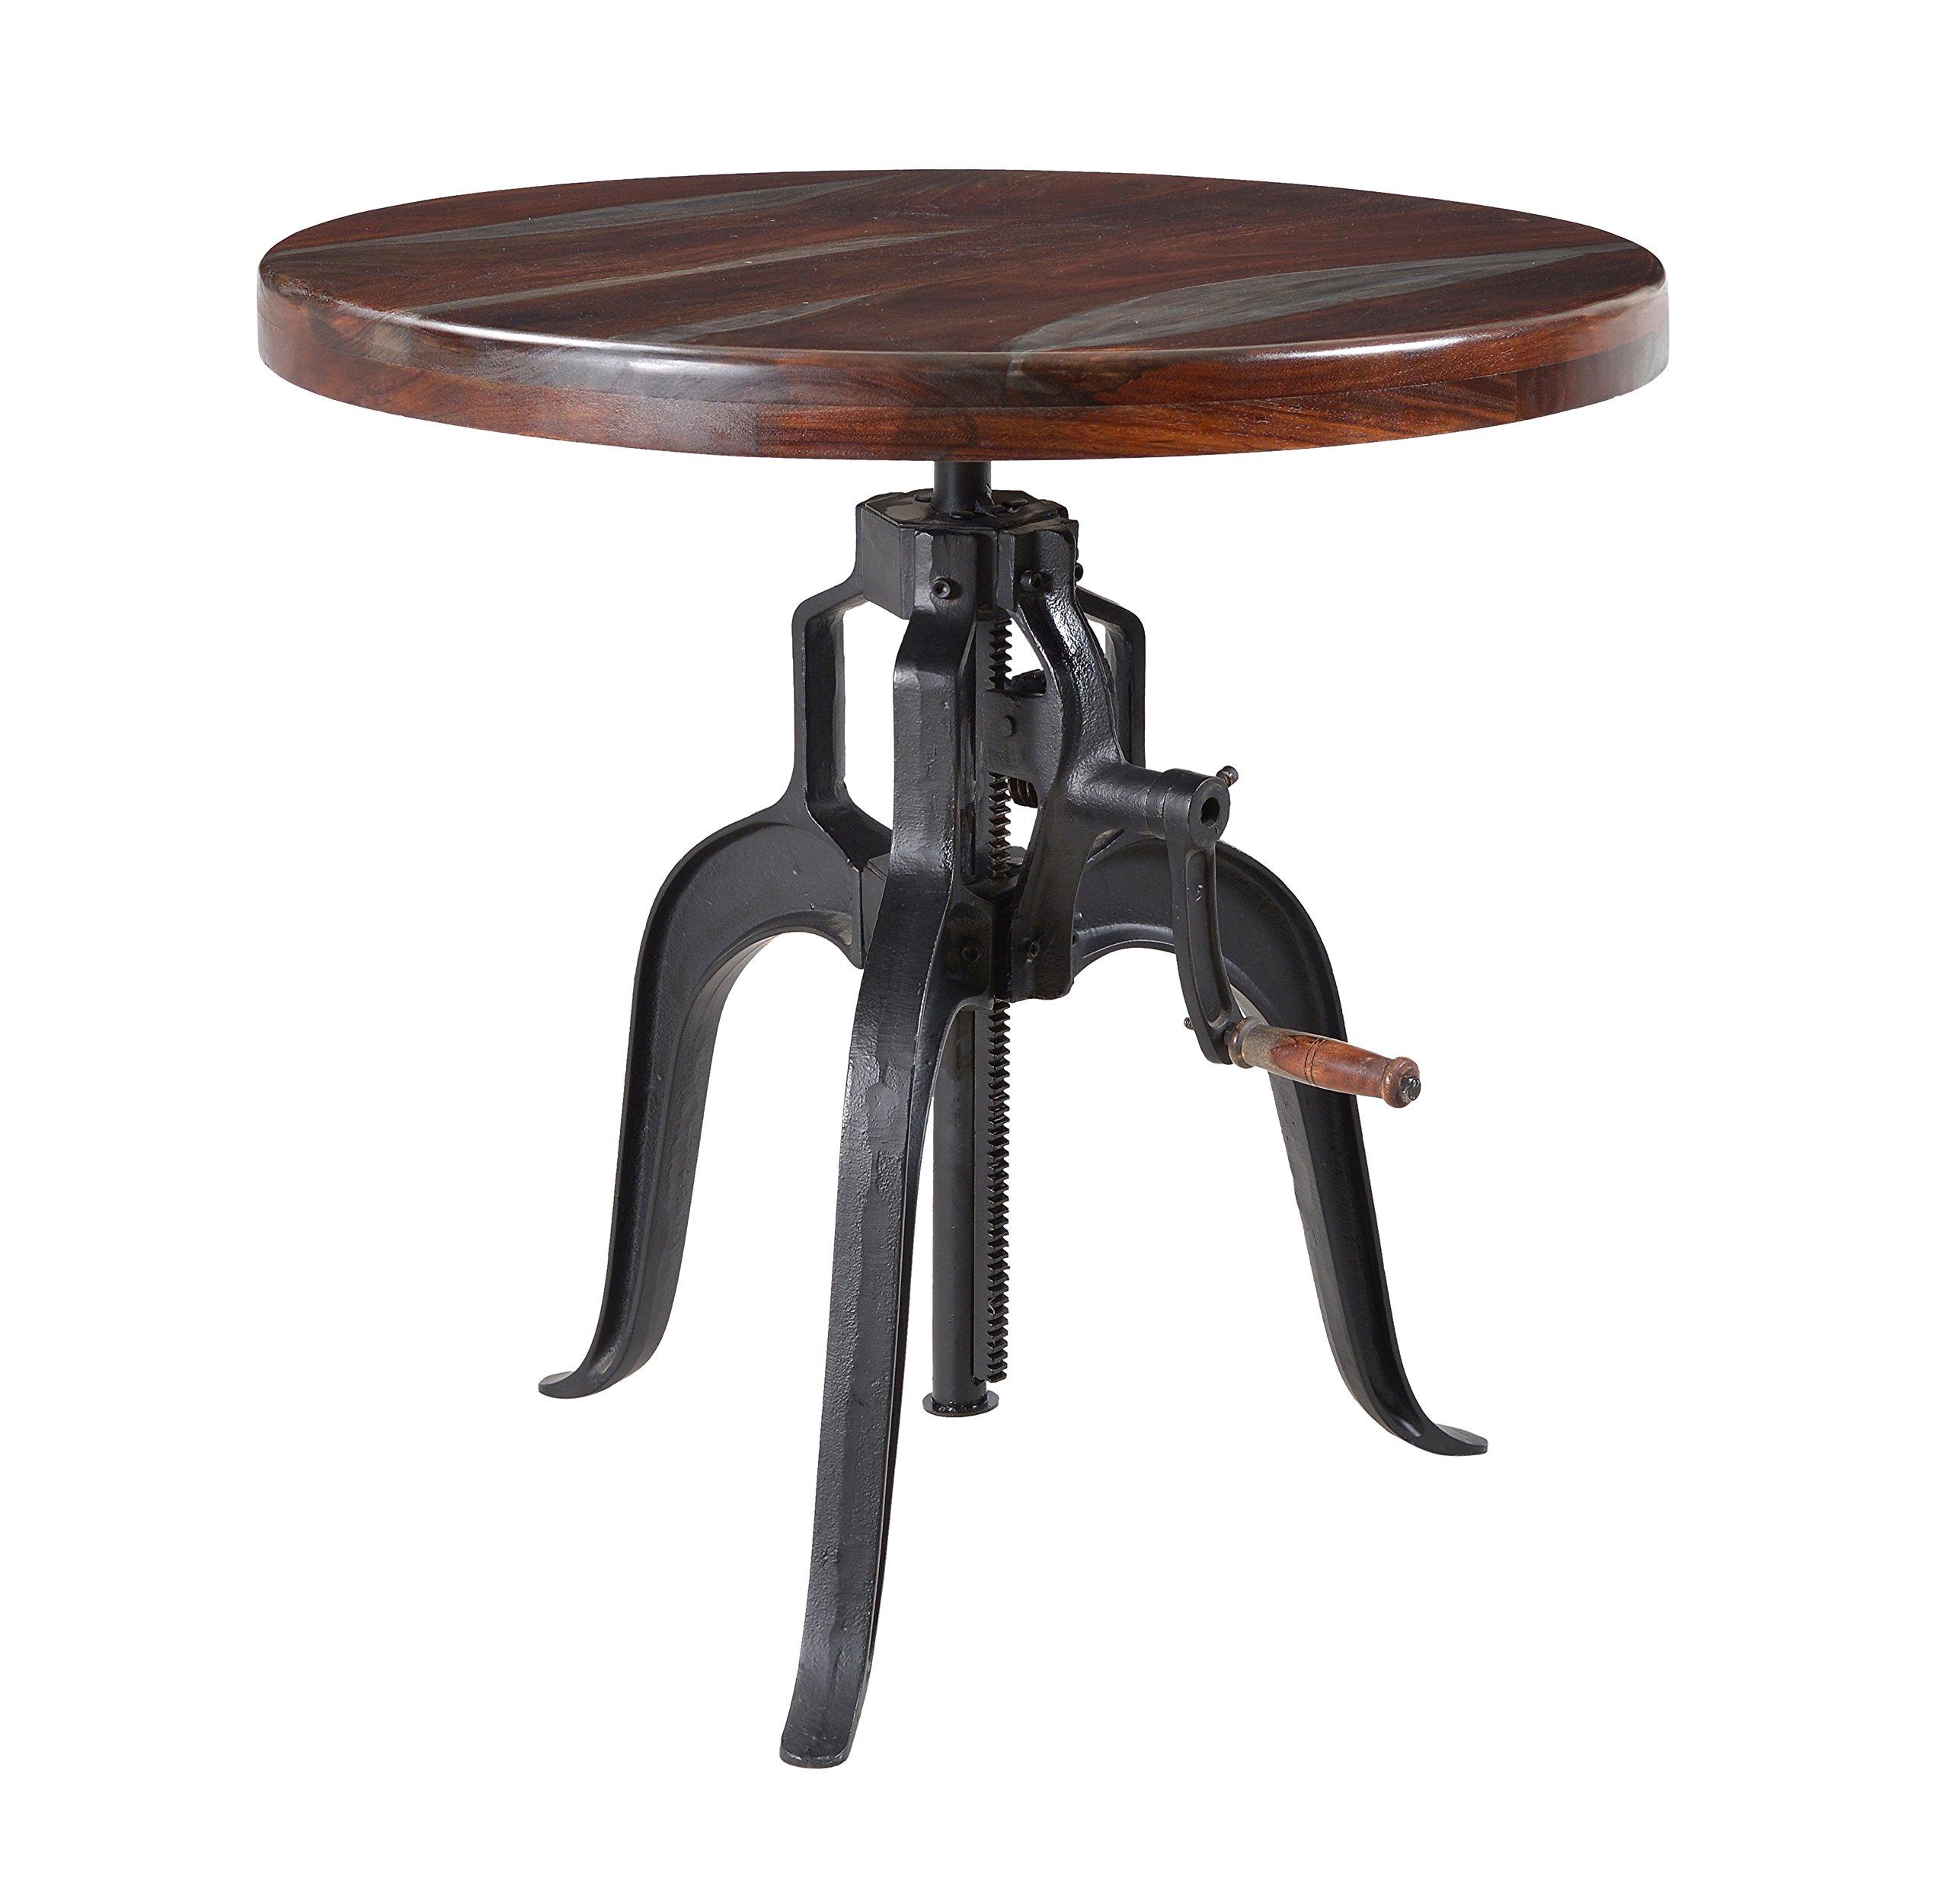 Treasure Trove Grey Top Black Legs Adjustable Accent Table, Brown